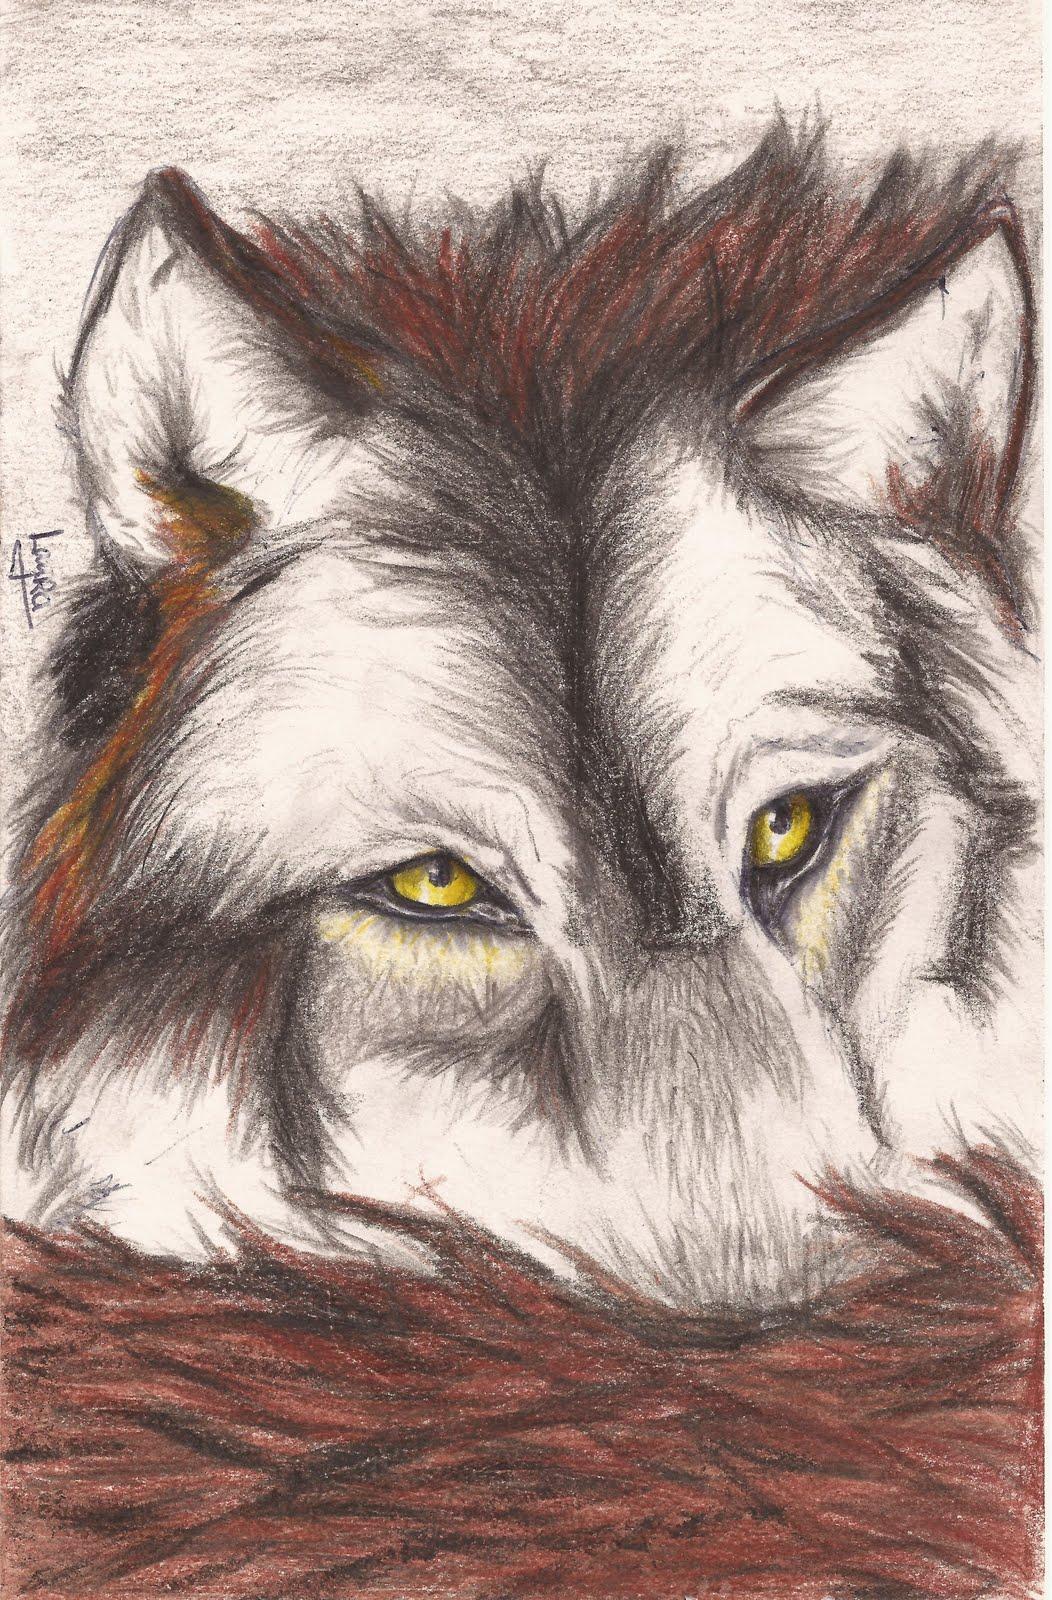 Caricaturas de lobos enamorados - Imagui